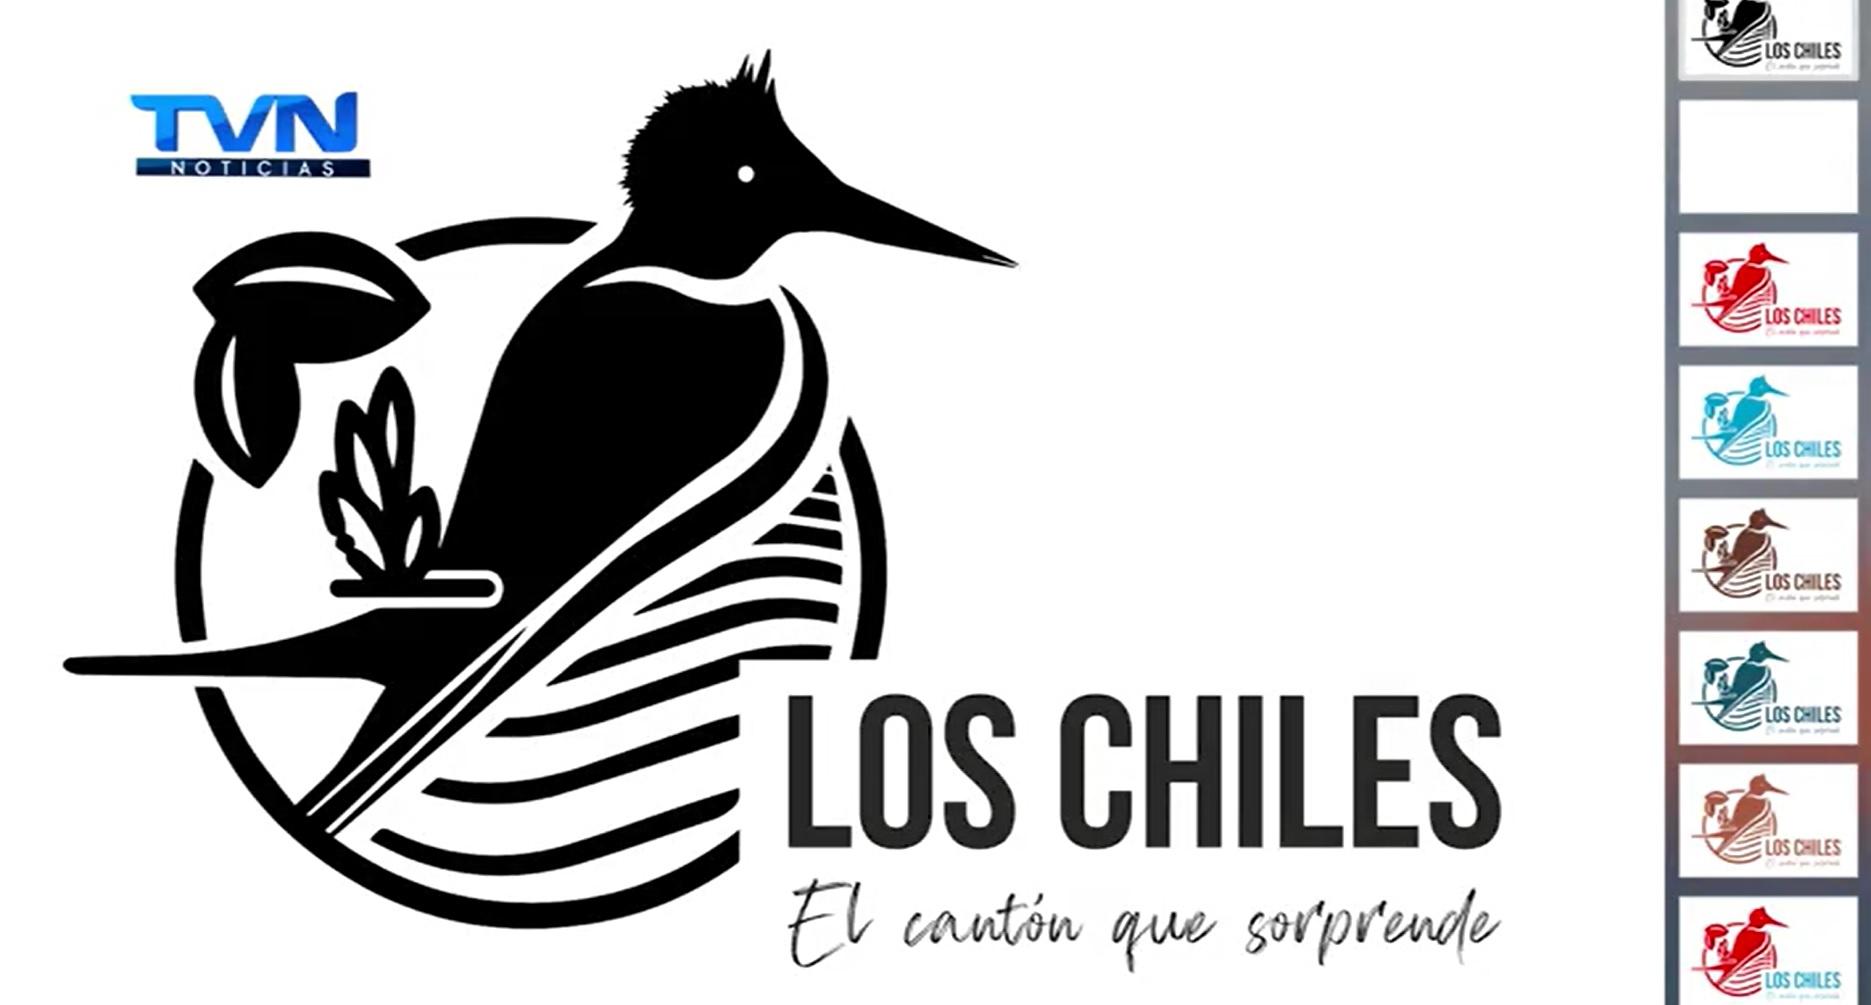 Con el objetivo de atraer inversión, Los Chiles lanzó su marca cantón